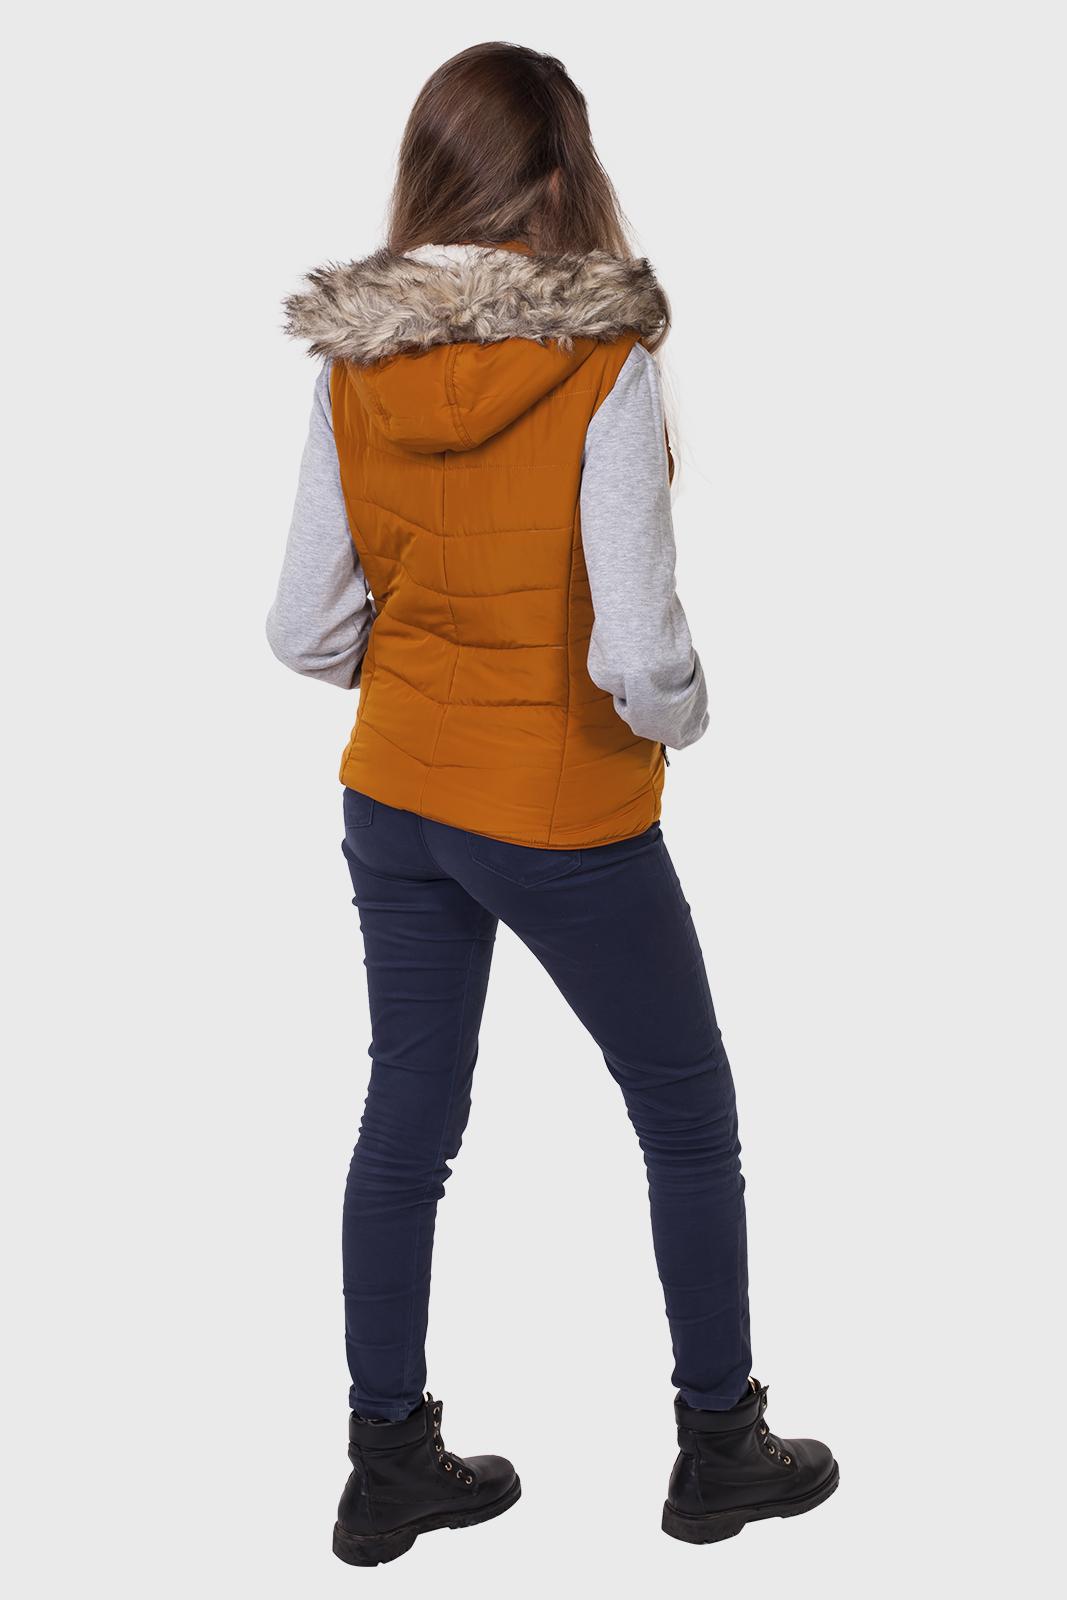 Женская куртка-жилет от Aeropostale (США) - трендовая молодежная модель